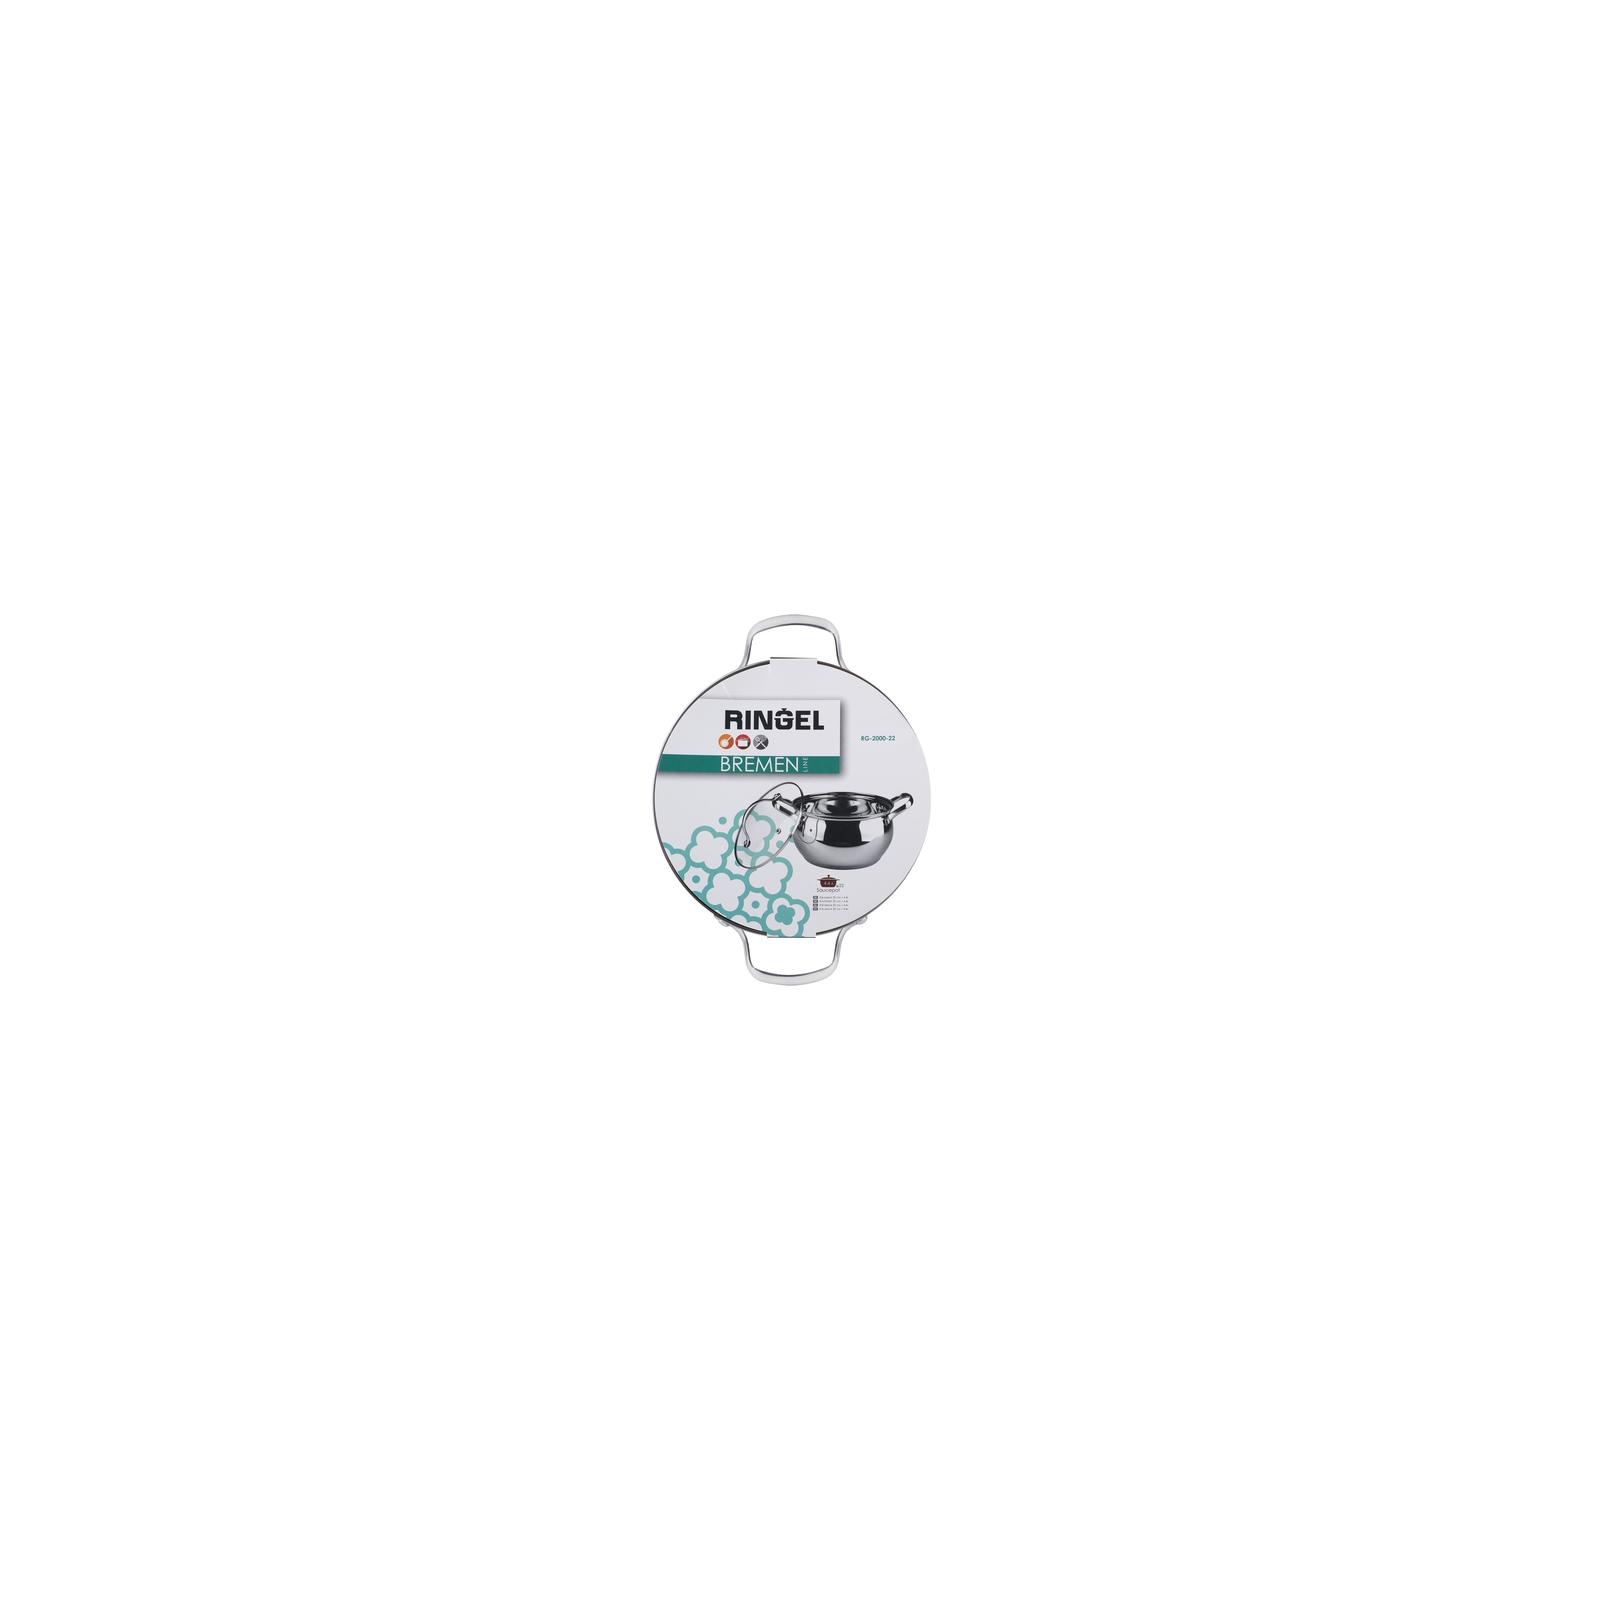 Кастрюля Ringel Bremen с крышкой 2.5 л (RG-2000-18) изображение 4